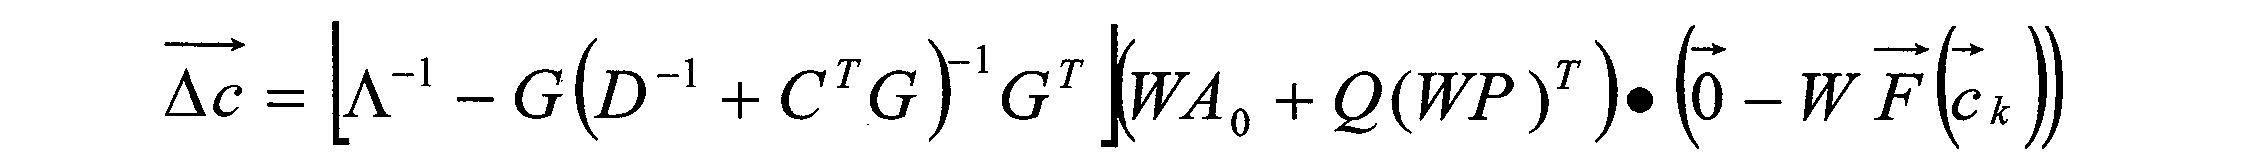 Figure CN101359170BC00061